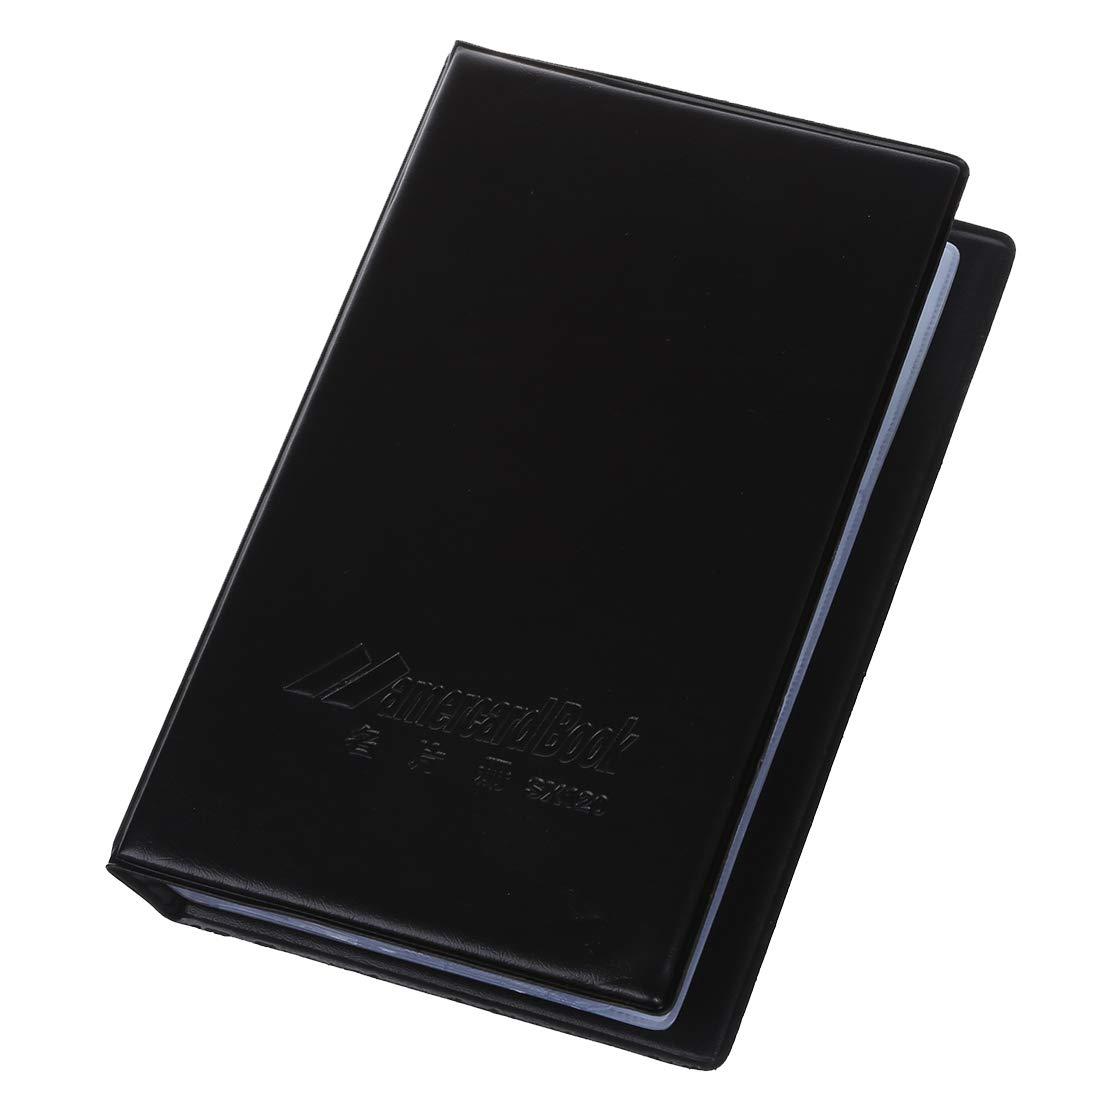 SODIAL (R) 120 cartes en cuir noir Nom de l'entreprise ID titulaire de la carte de credit Book Organizer Case SODIAL(R)